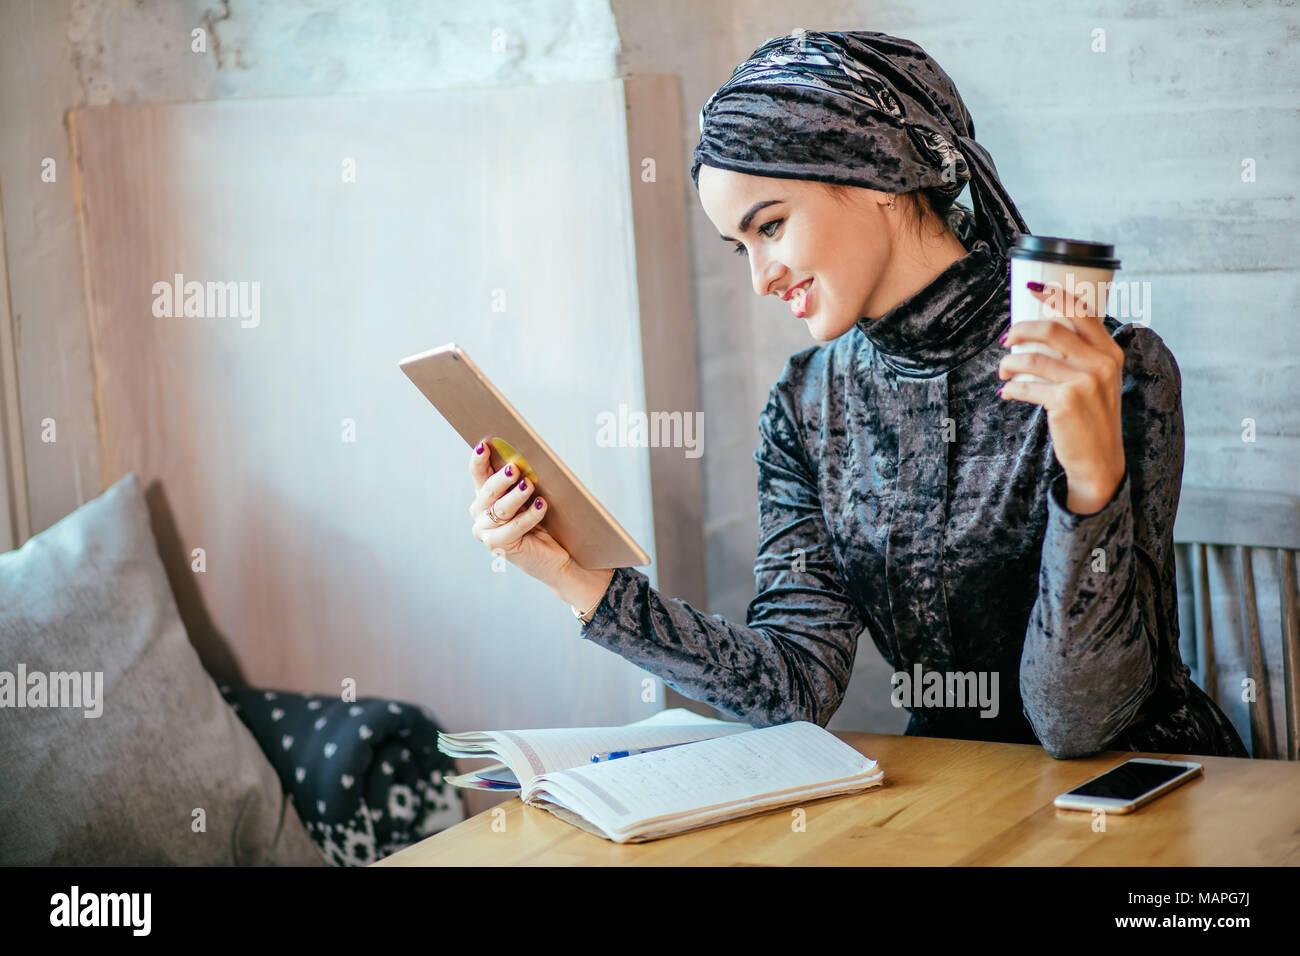 Le donne musulmane lavora con tablet e bere un caffè nella caffetteria Immagini Stock